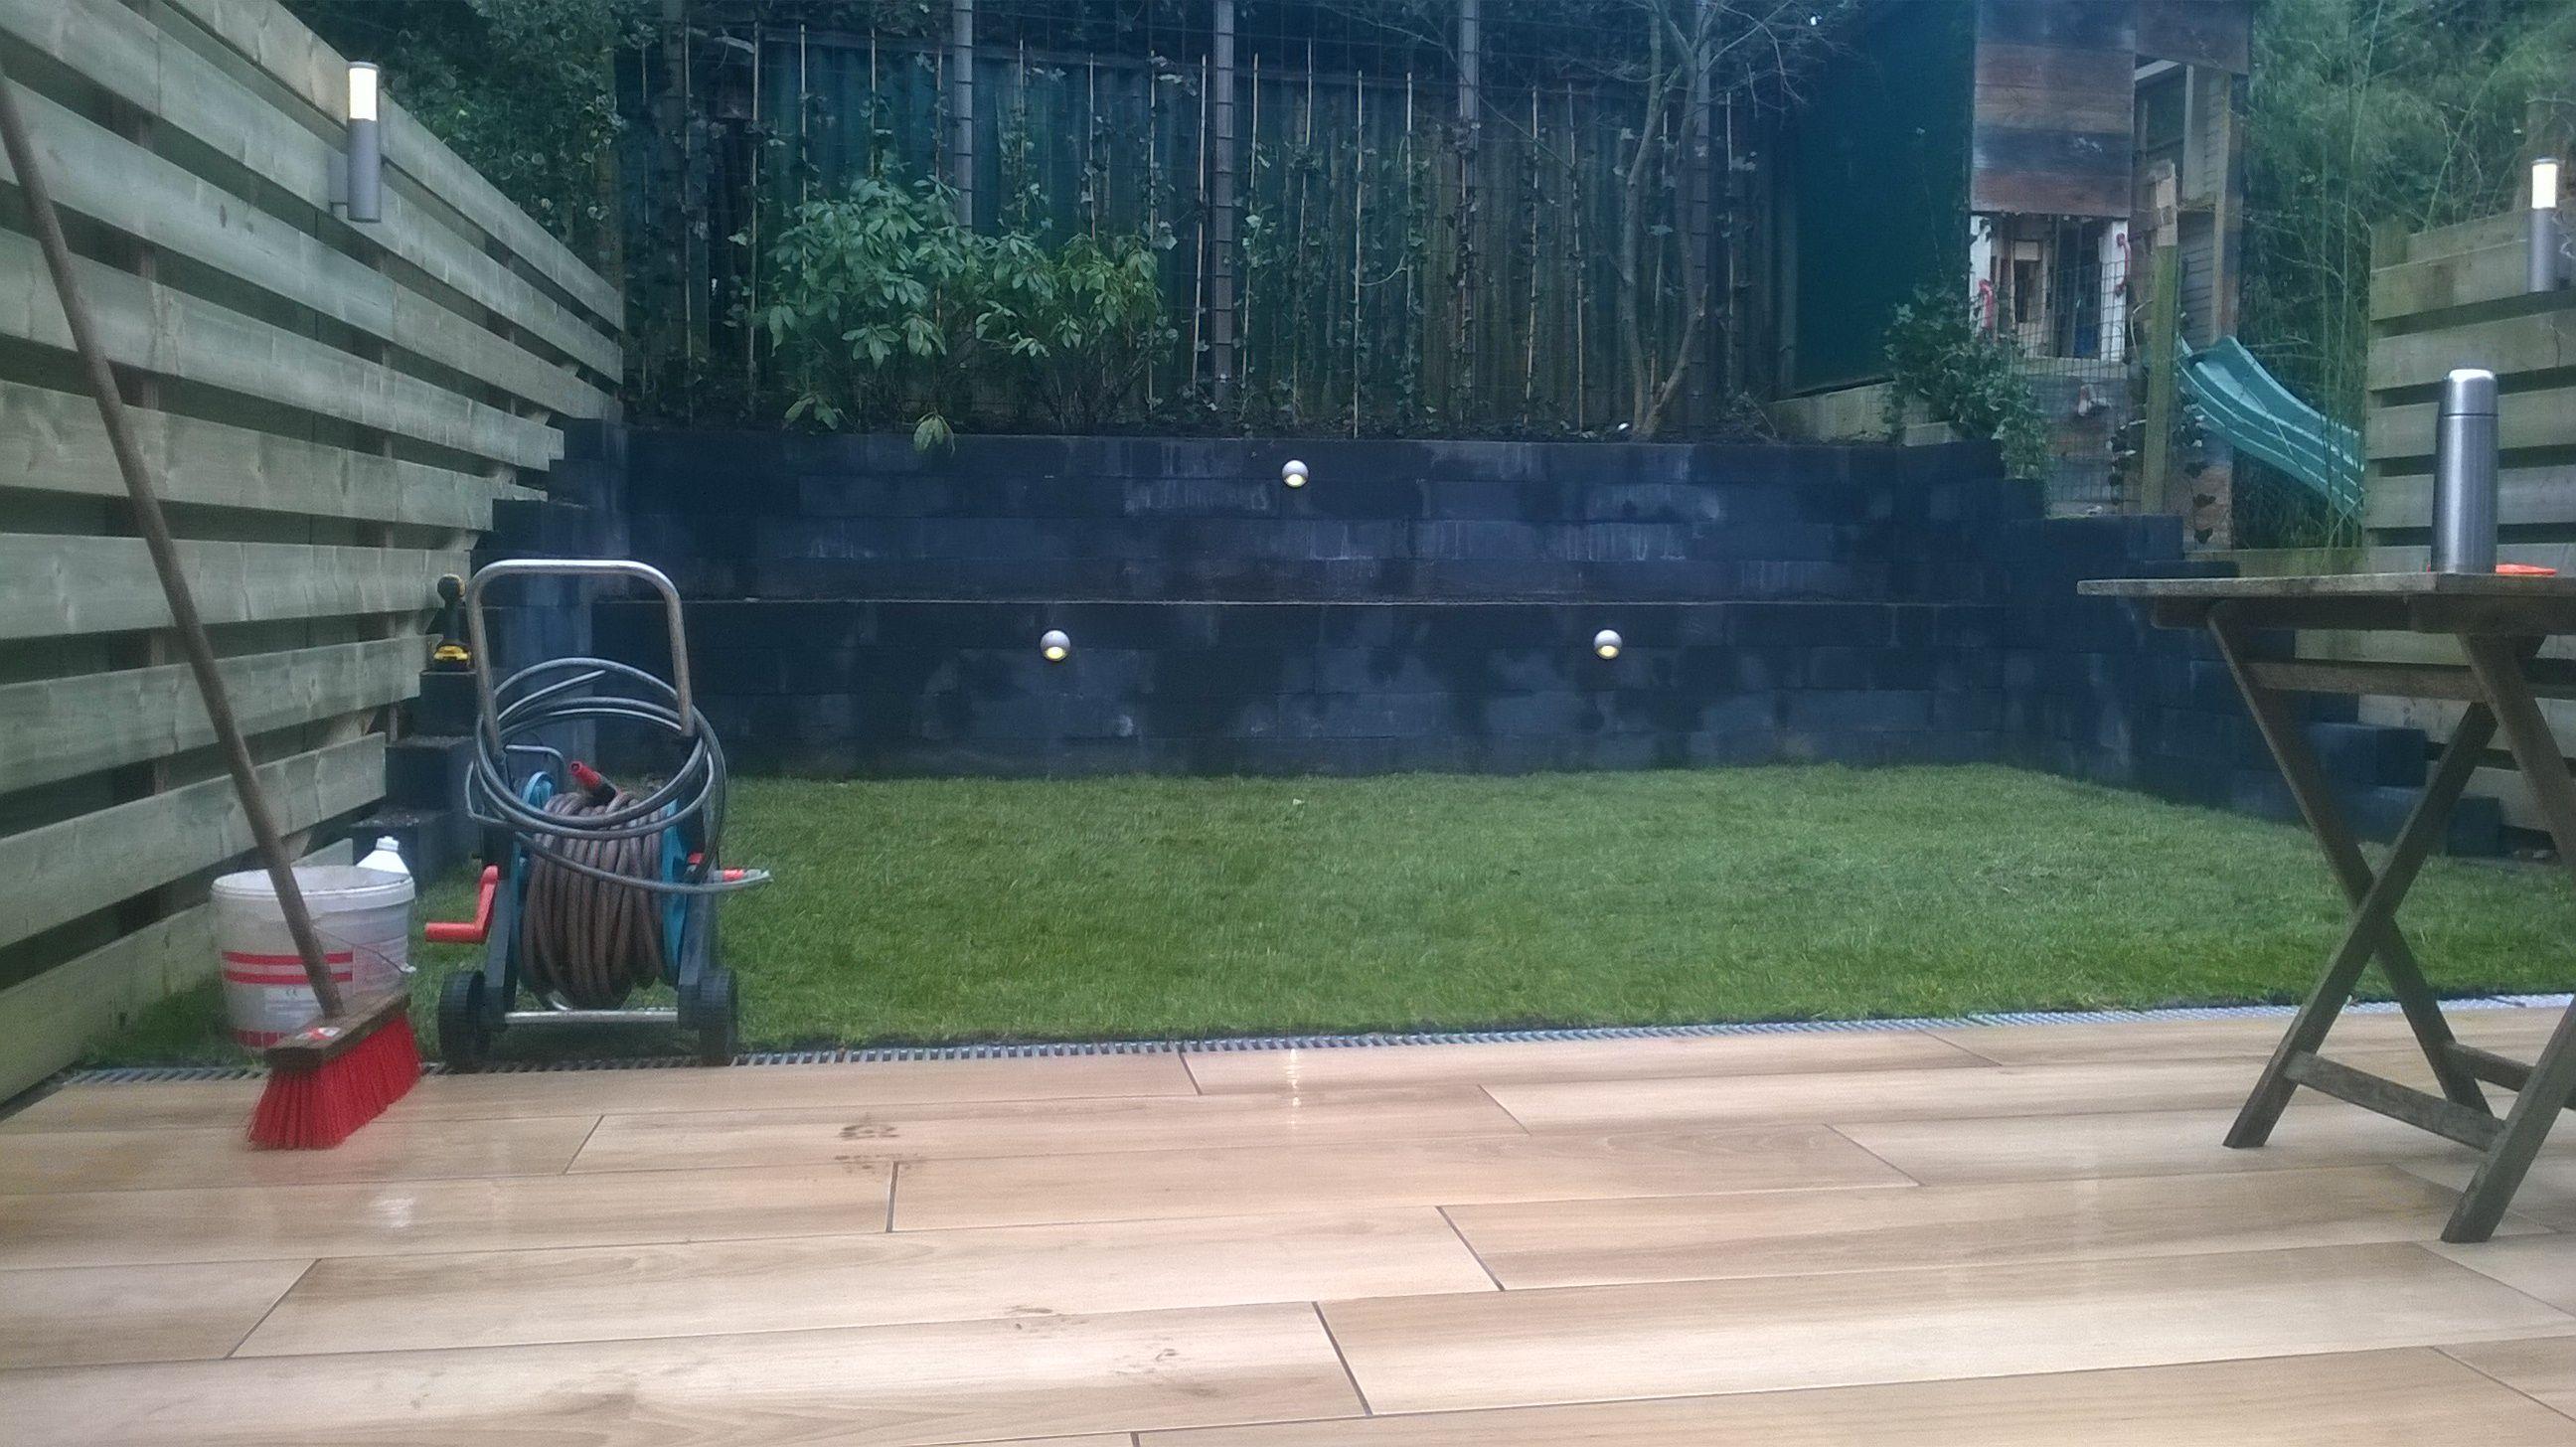 Tuinverlichting In Tegel : Tuinaanleg amersfoort keramische tegels graszoden verlichting